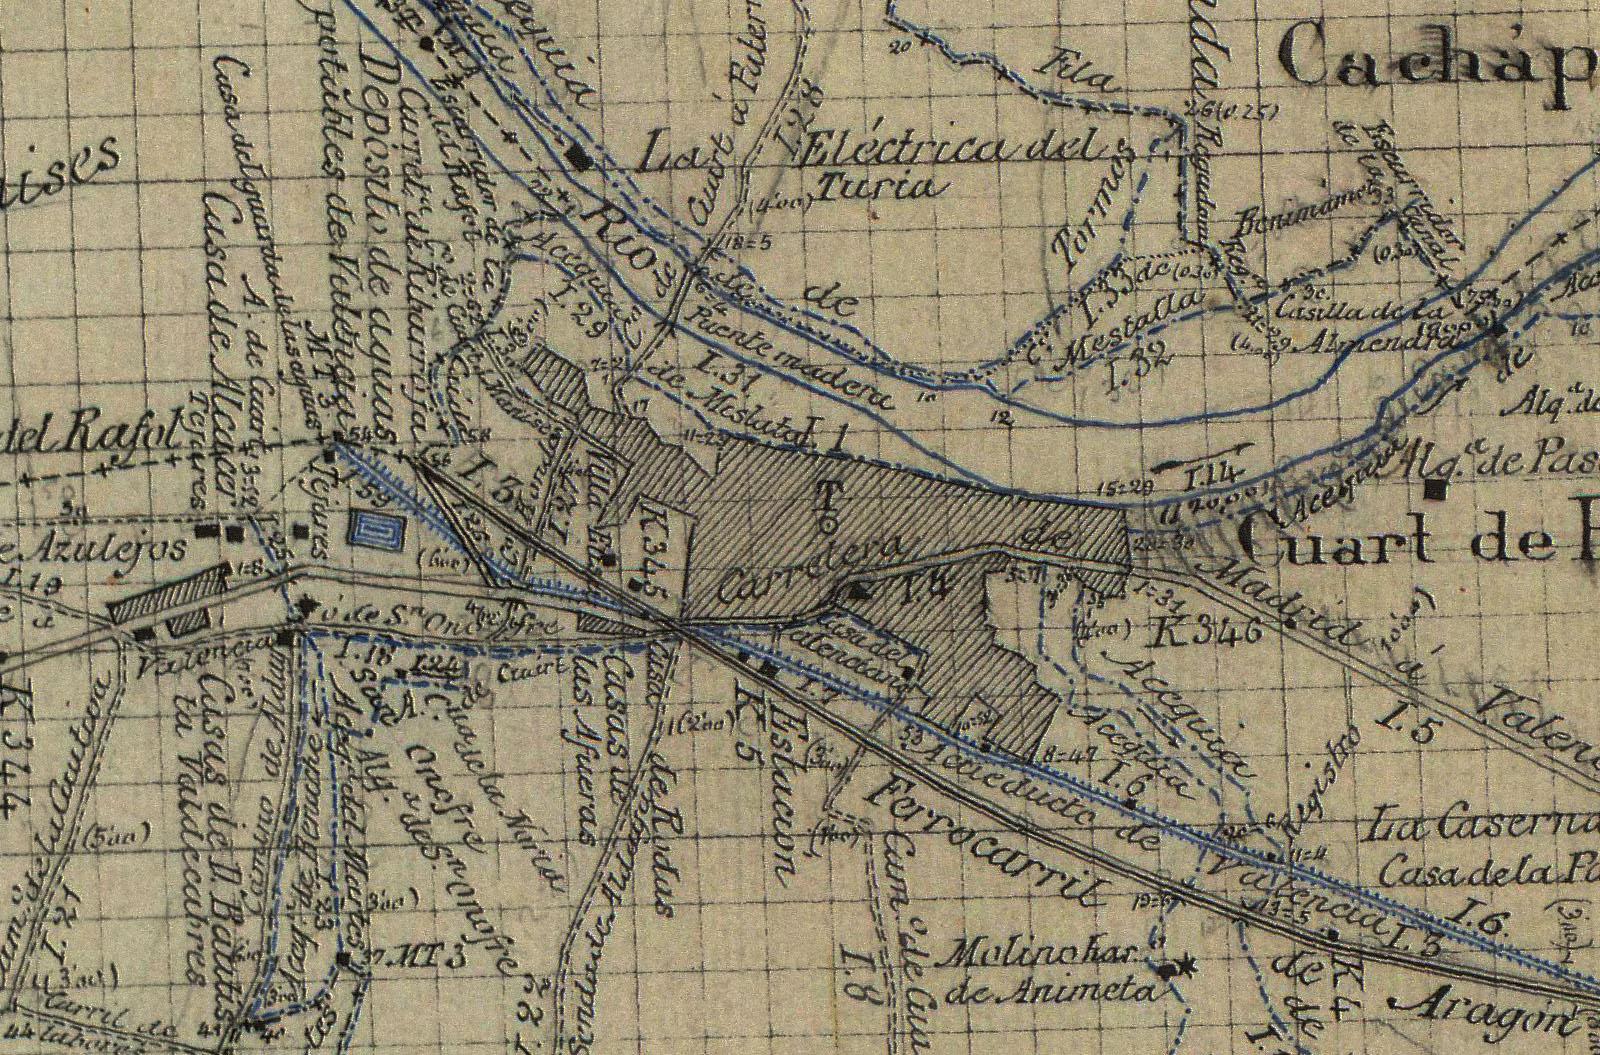 Los Archivos Secretos de Quart de Poblet: Cartografía y fotografía ...